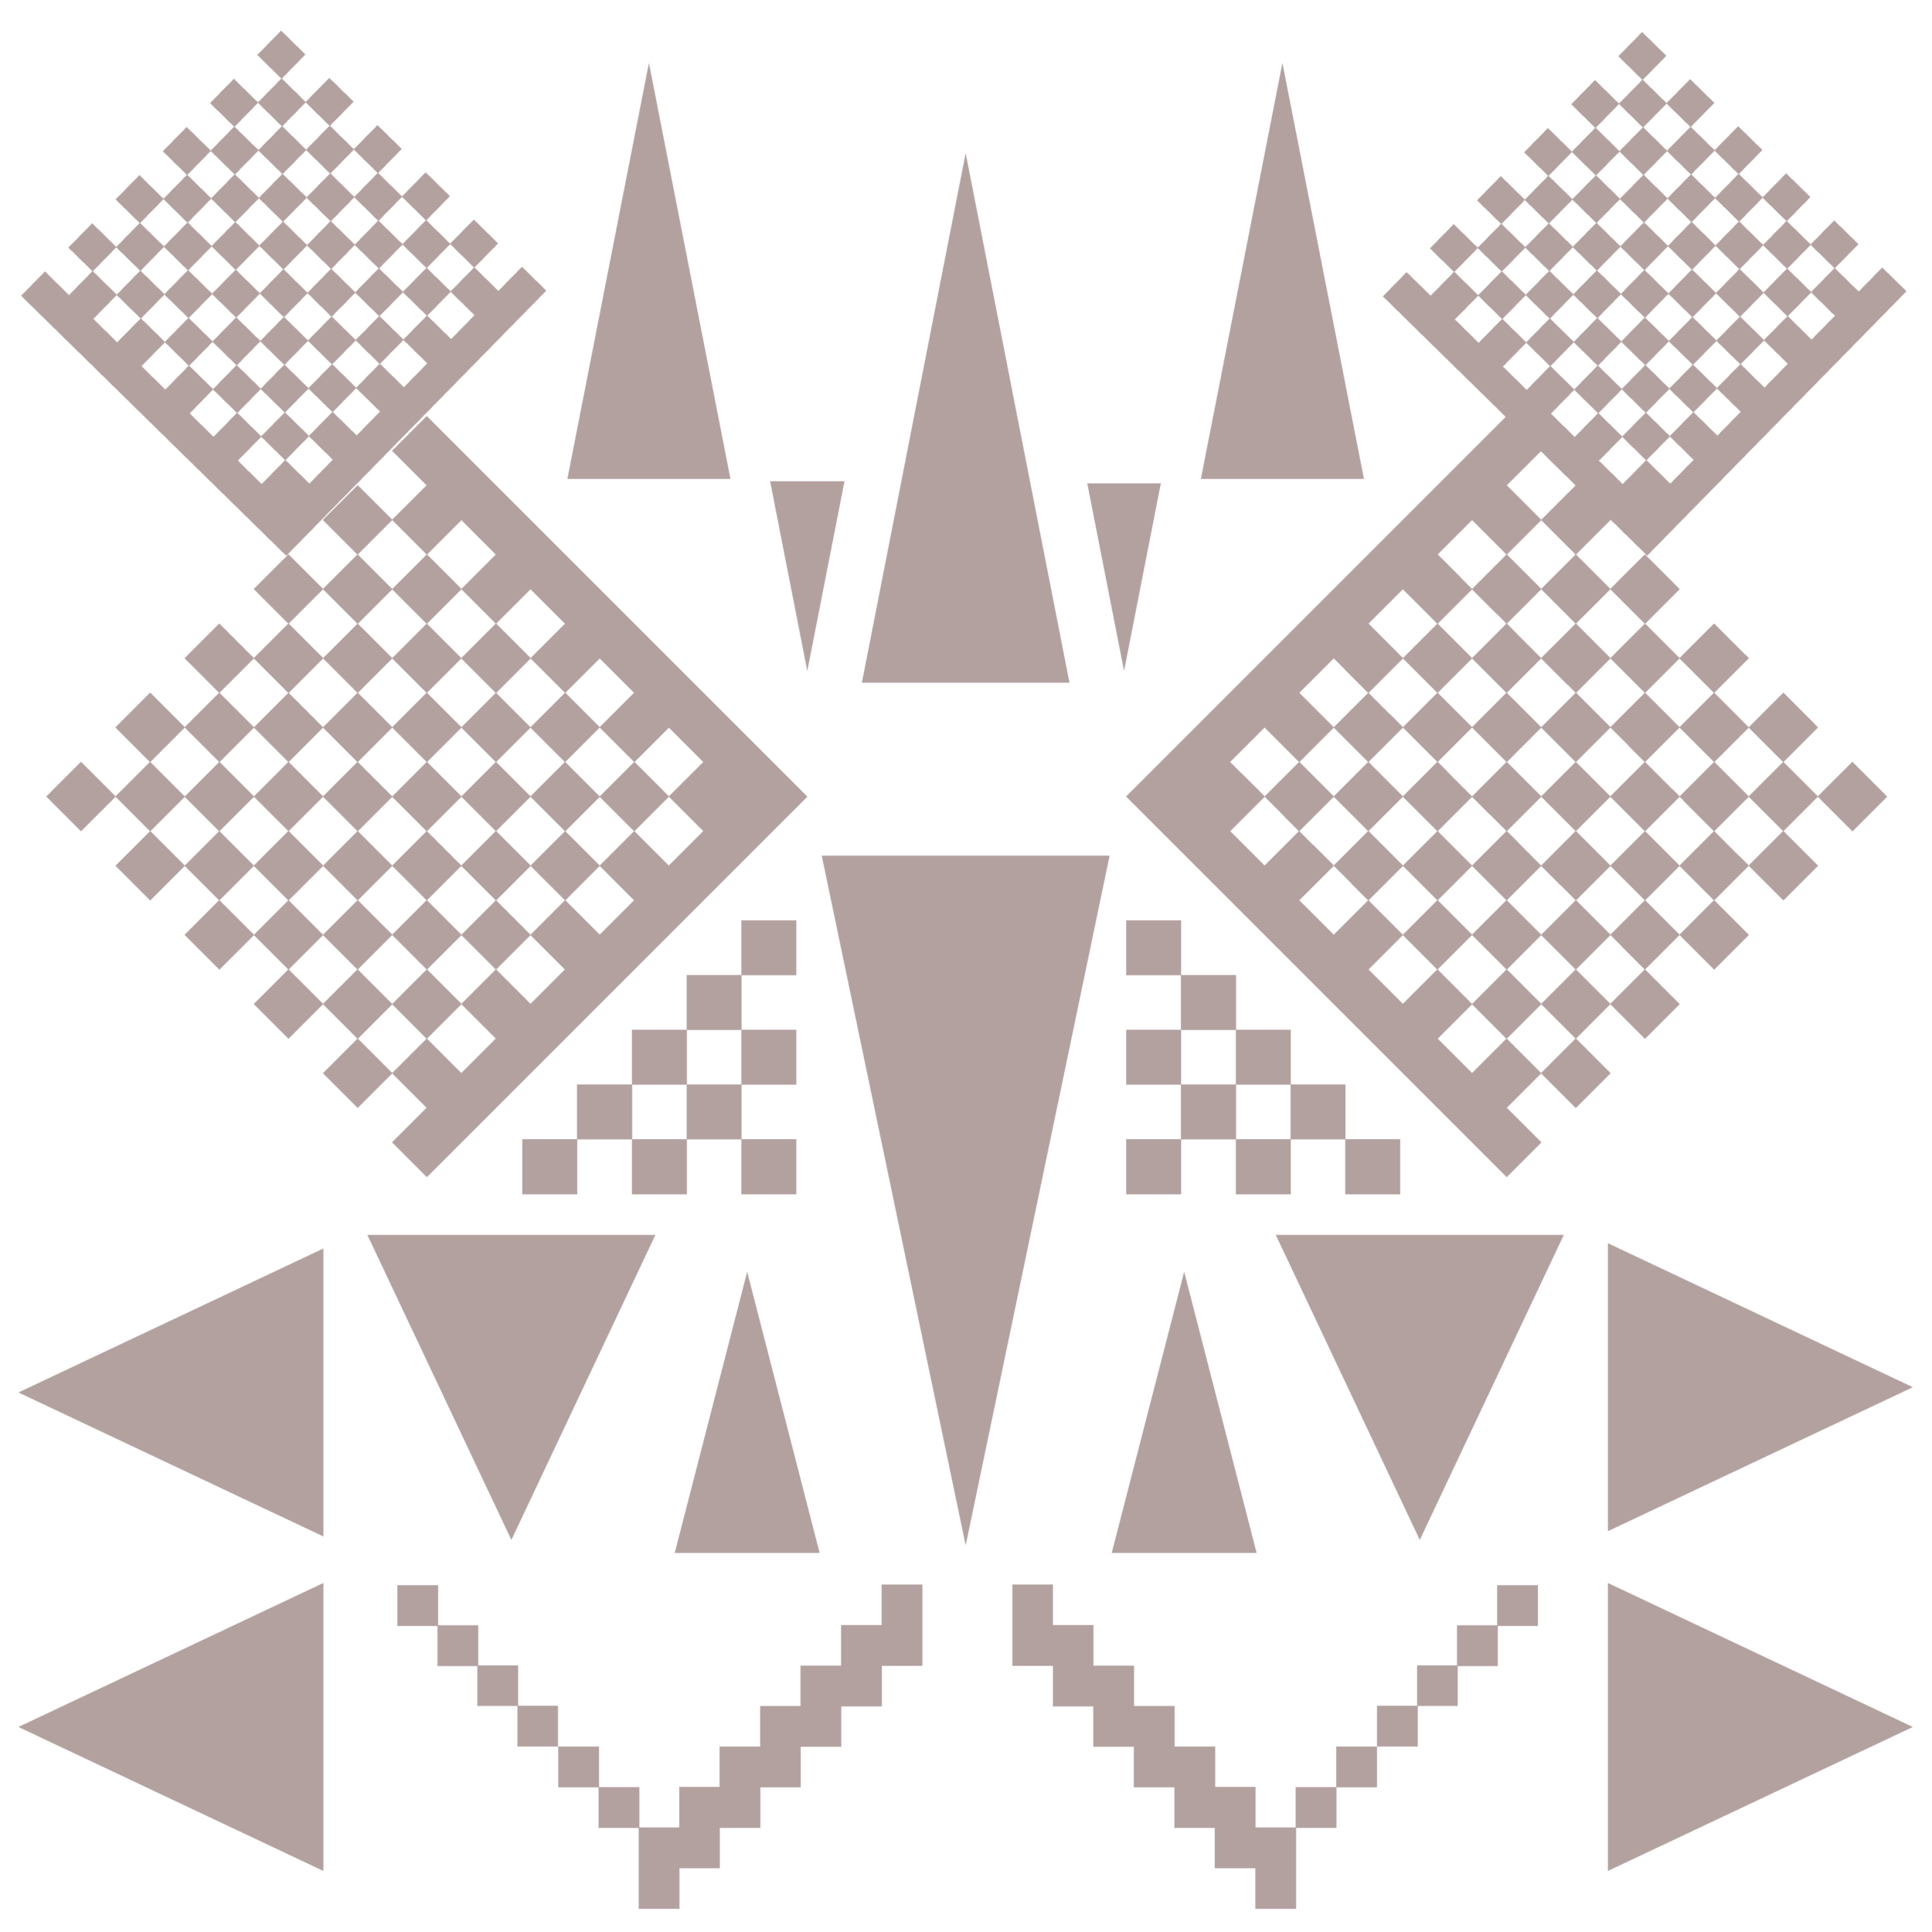 pattern development, June 2016